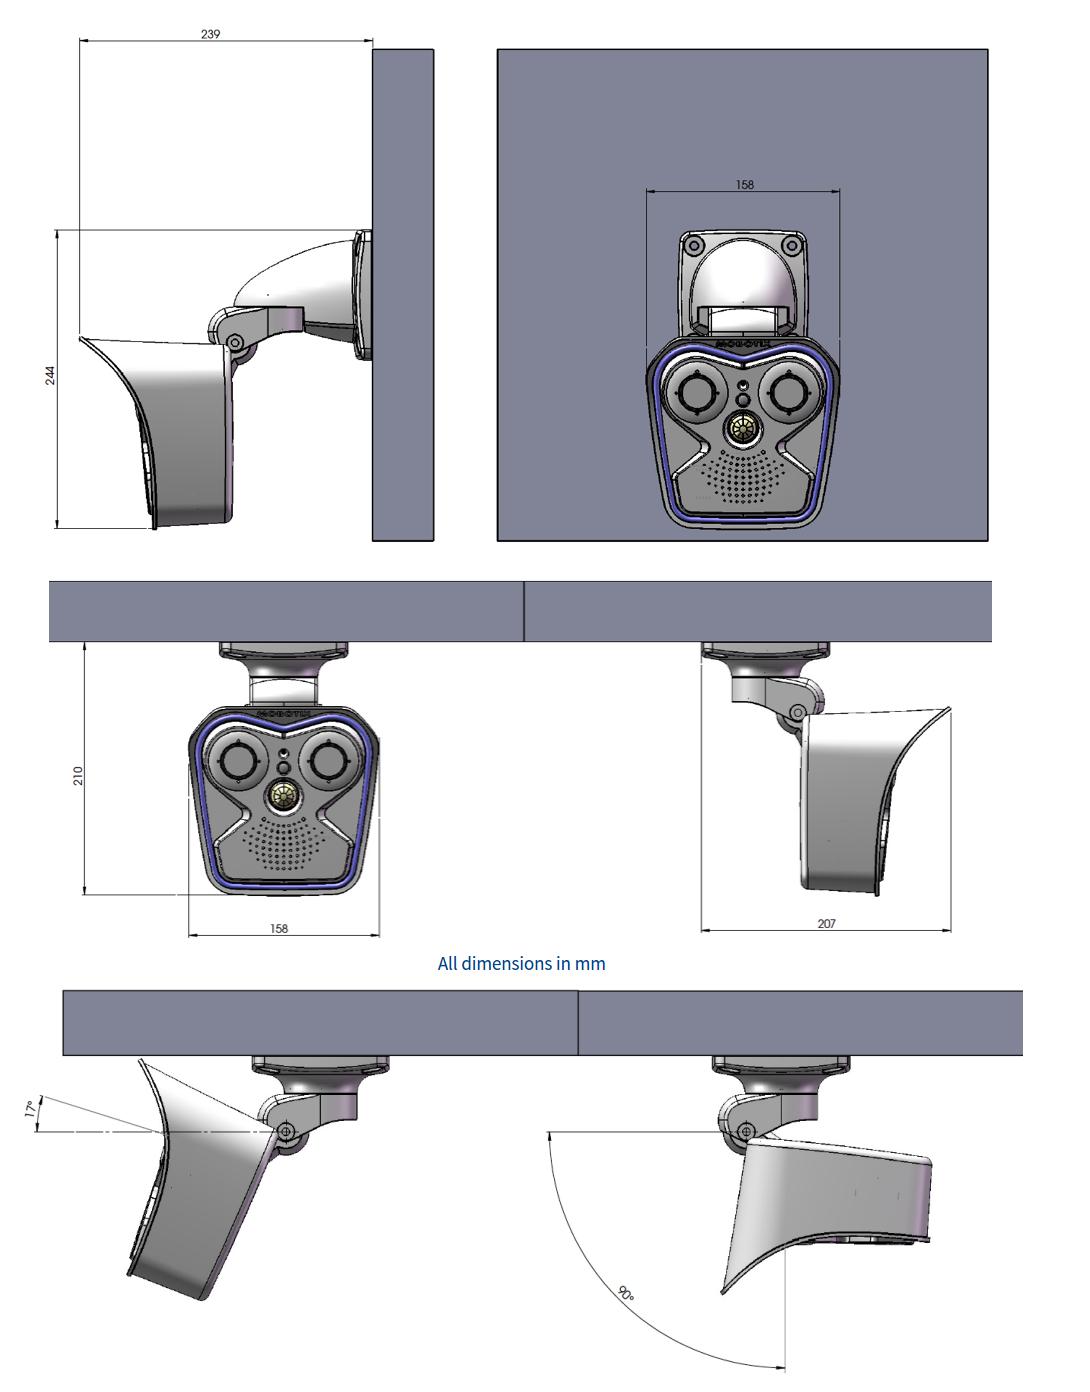 Mobotix M16 Dimensions